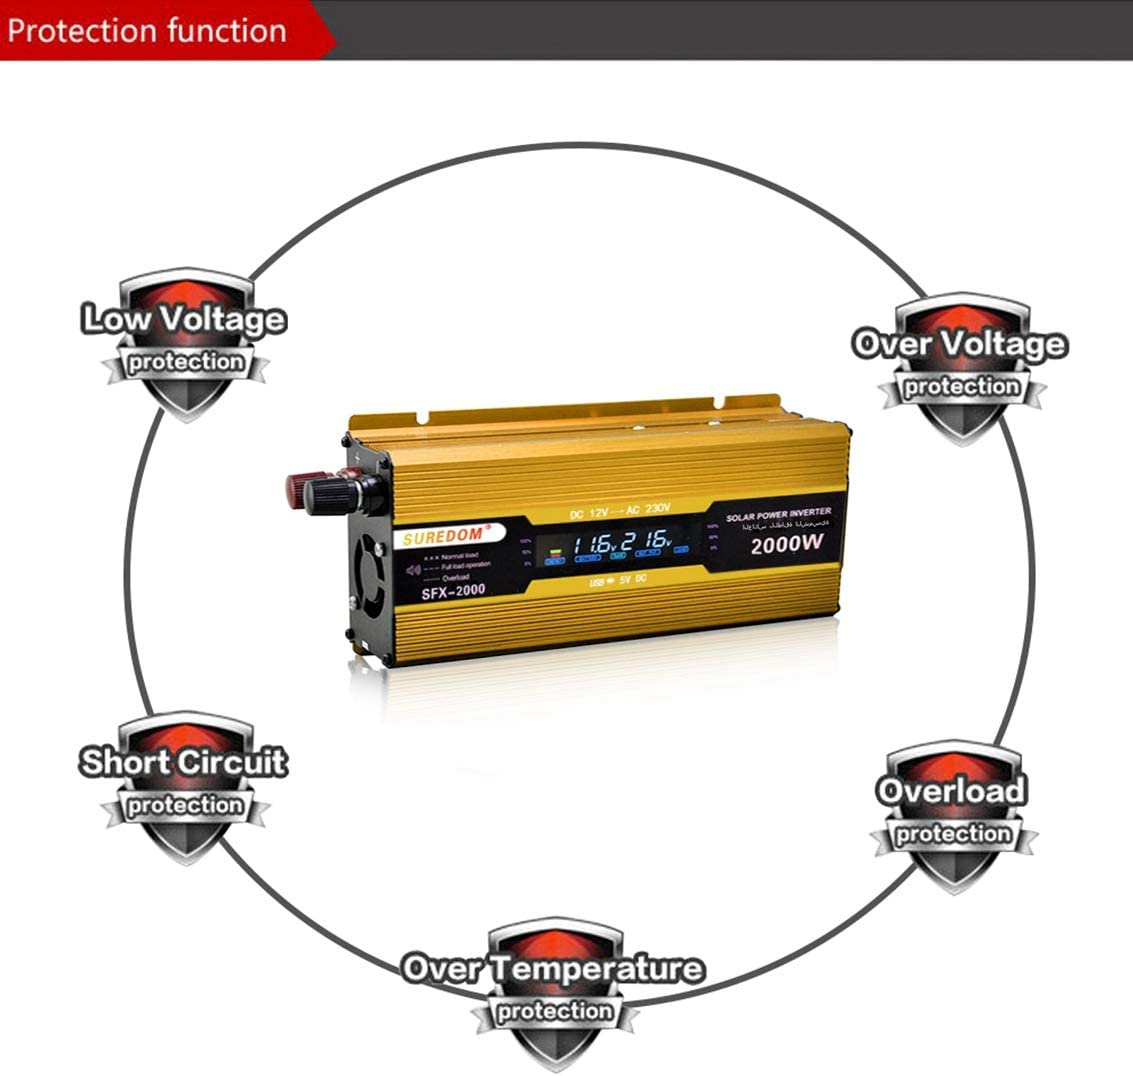 Transformateur de Courant DC 12V pour Urgence Int/érieure ou Ext/érieure,12Vto220V 24V to AC 220V avec Affichage /à LED AWIS 2000W Convertisseur de Tension de Voiture